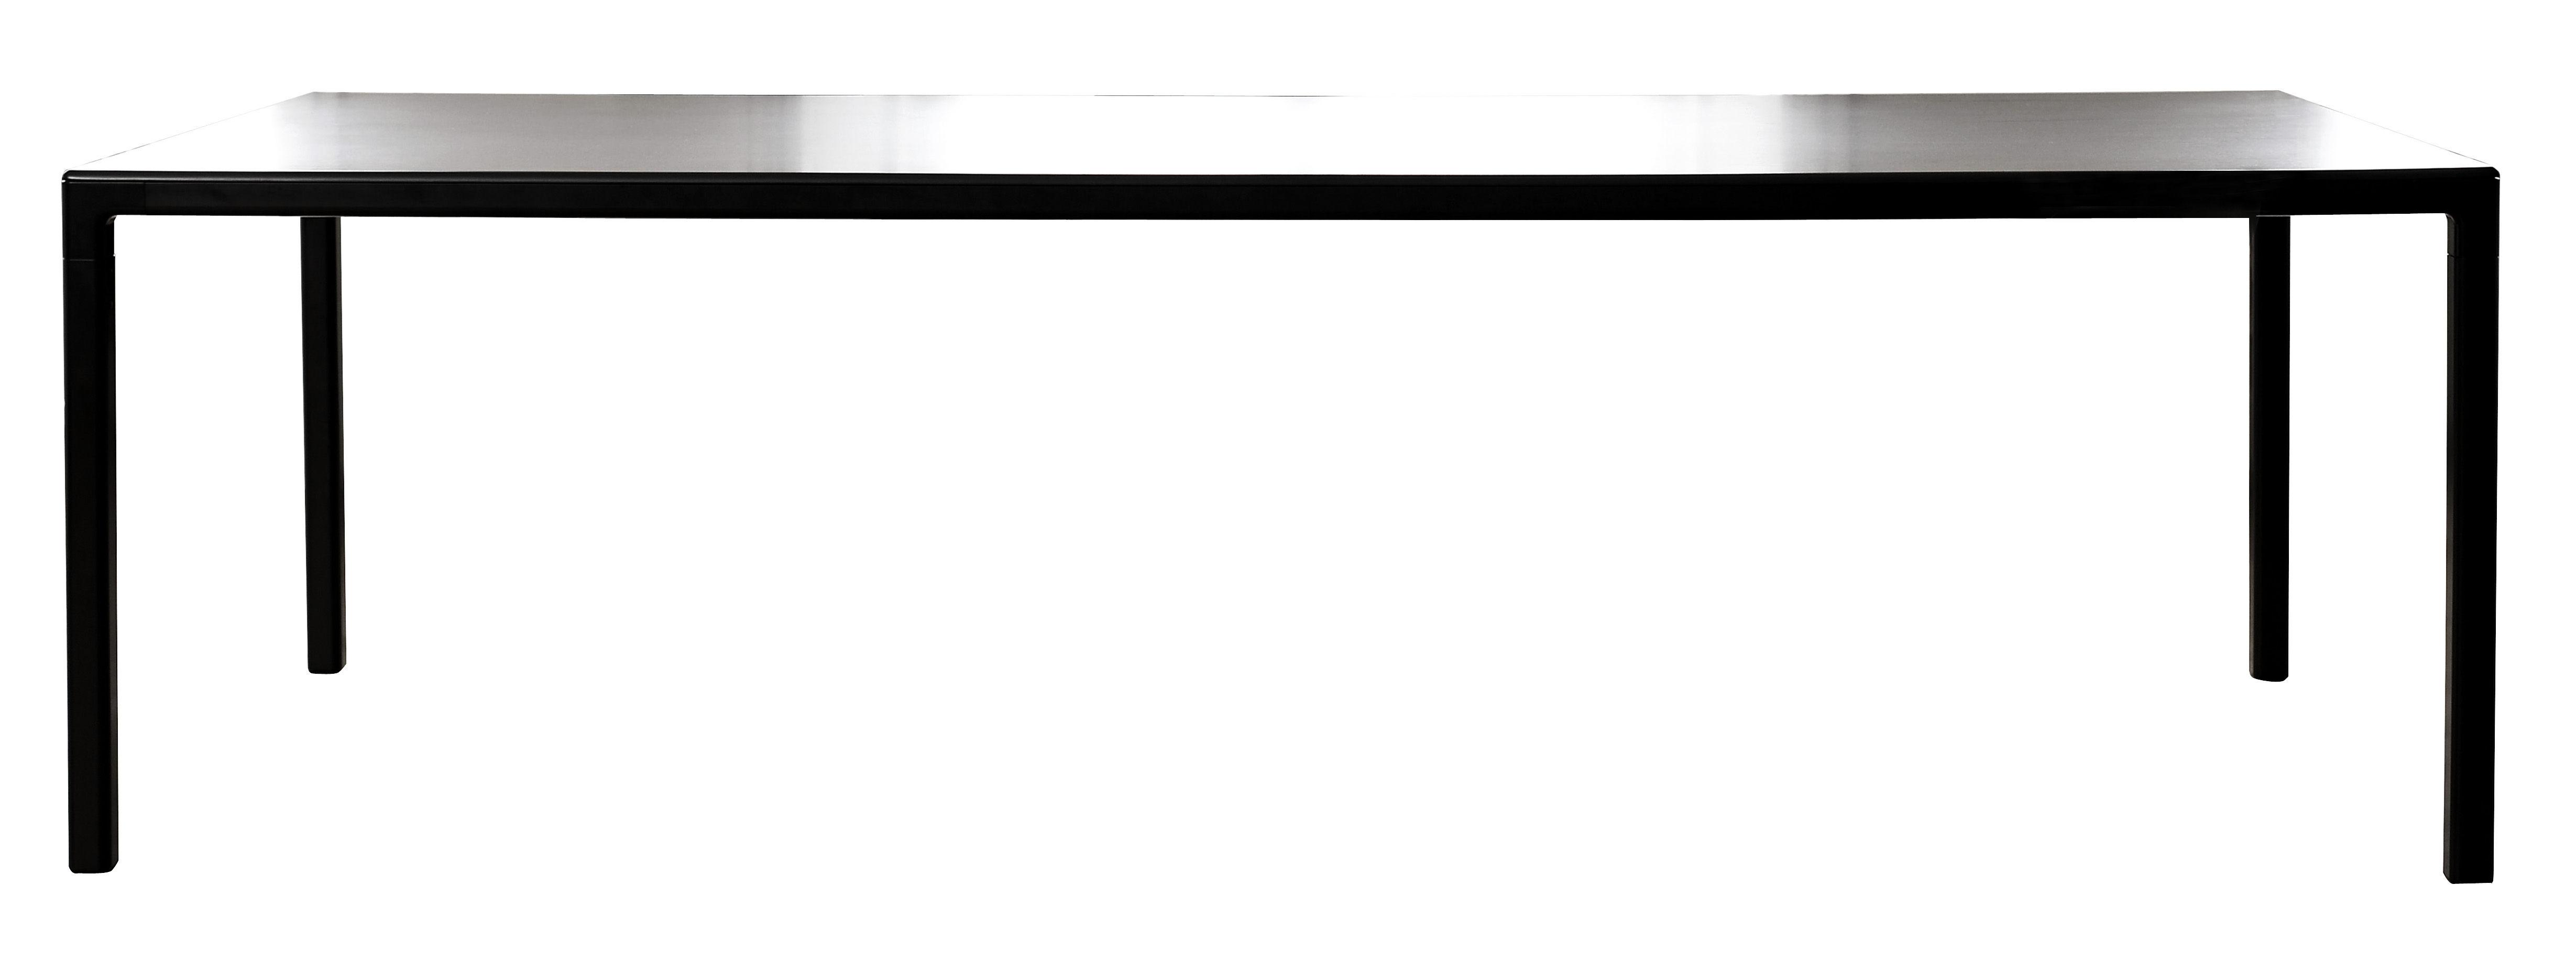 Mobilier - Tables - Table T12 / Rectangulaire - 160 x 80 cm - Hay - 160 x 80 cm / Noir - Aluminium peint, Linoléum